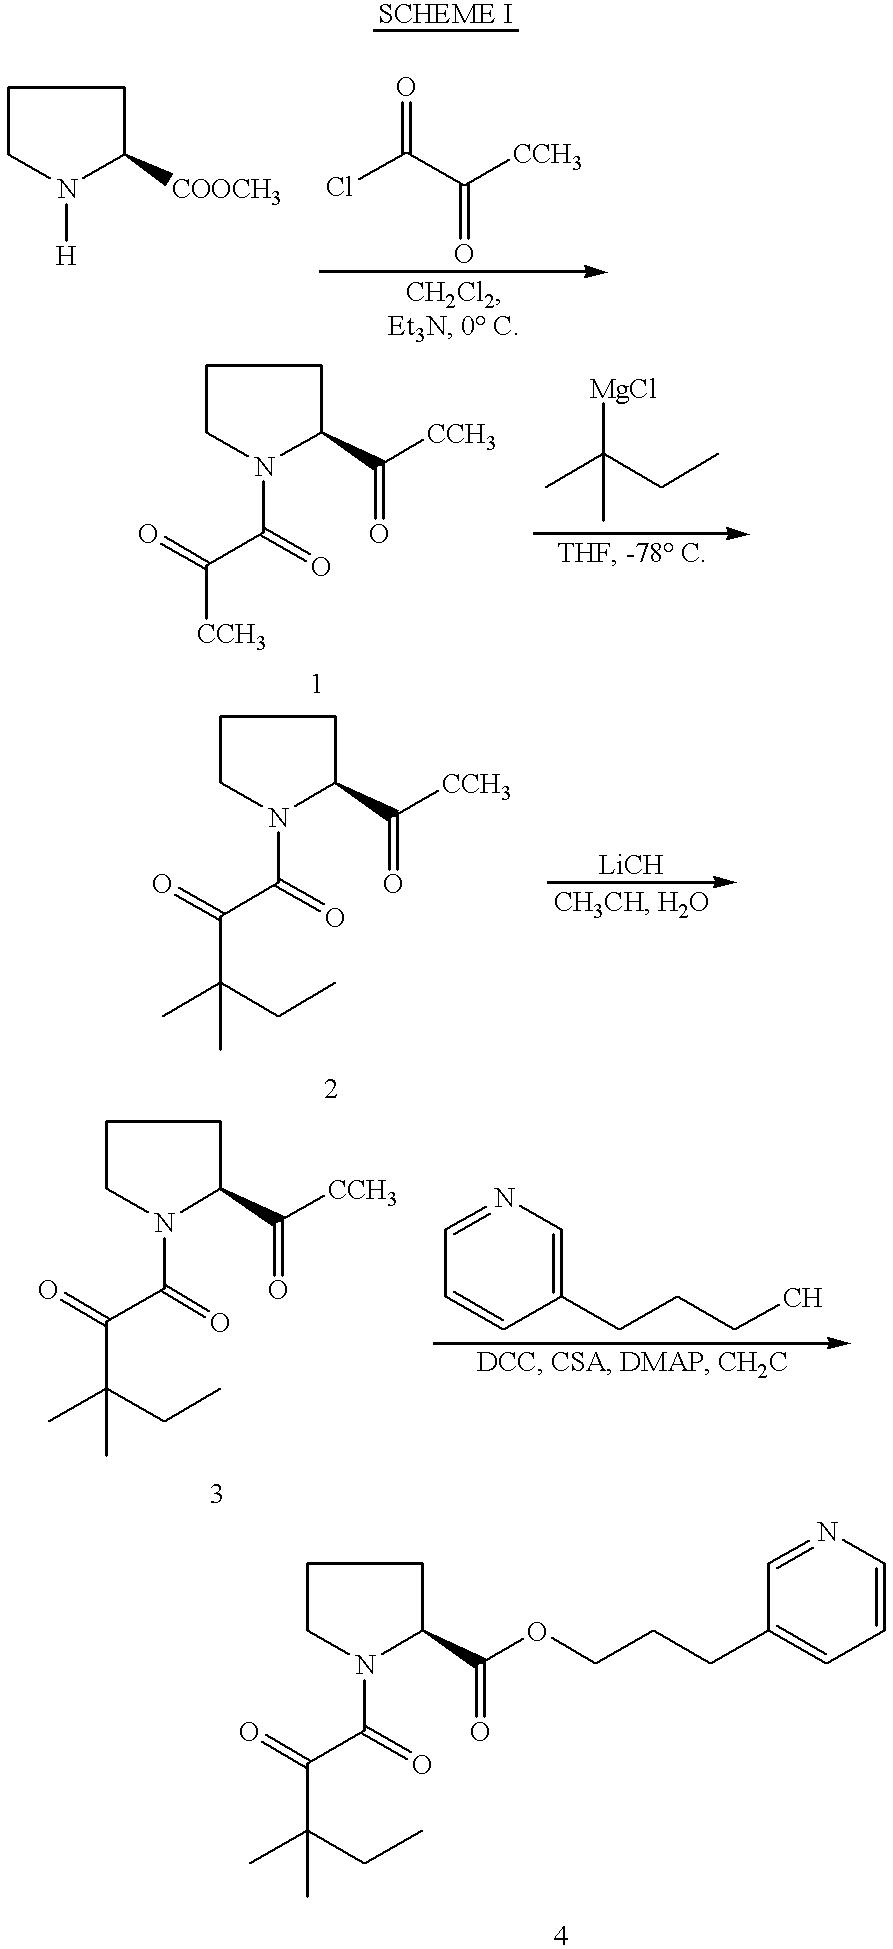 Figure US06239164-20010529-C00004